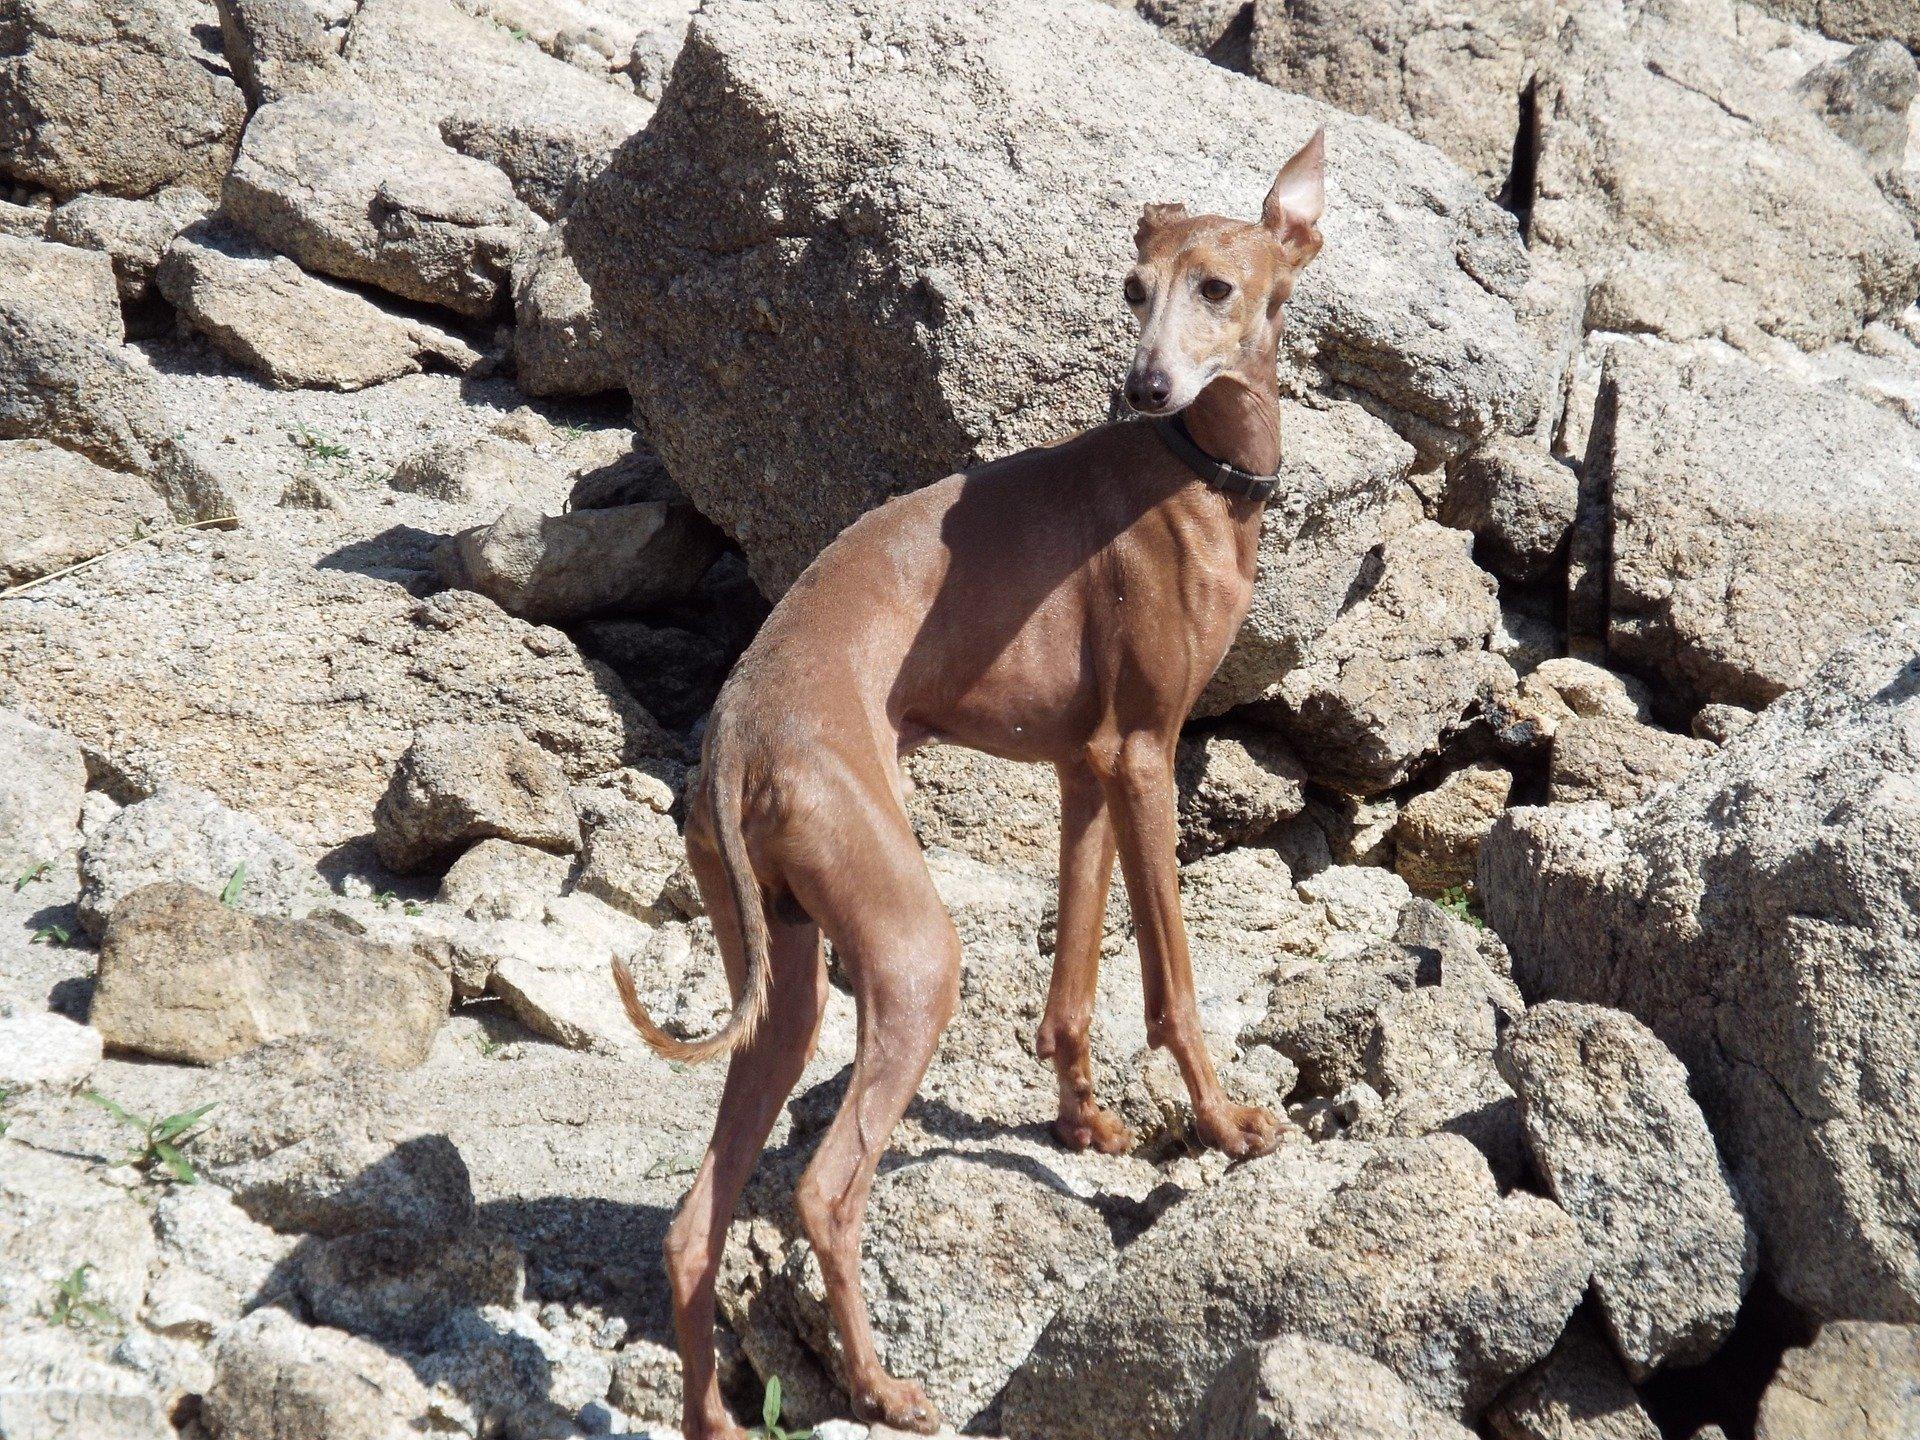 Razze cane: il cane Greyhound carattere e prezzo